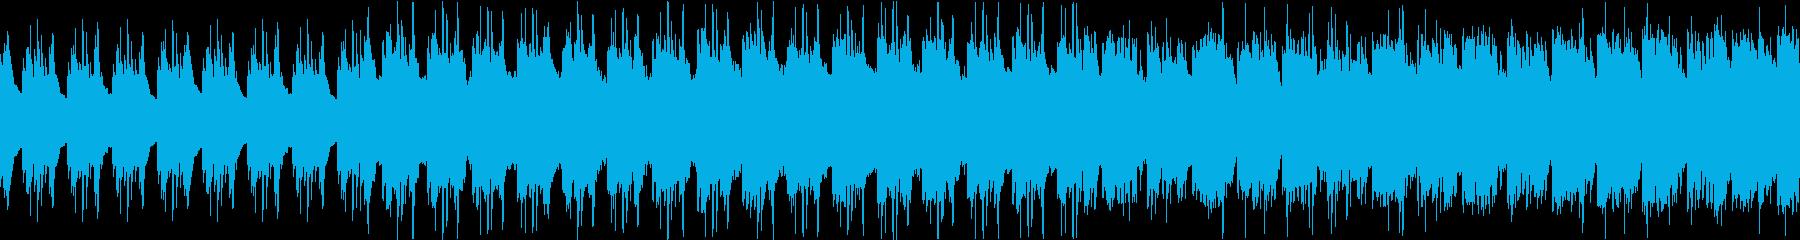 おばけの森 RPG風 ループの再生済みの波形